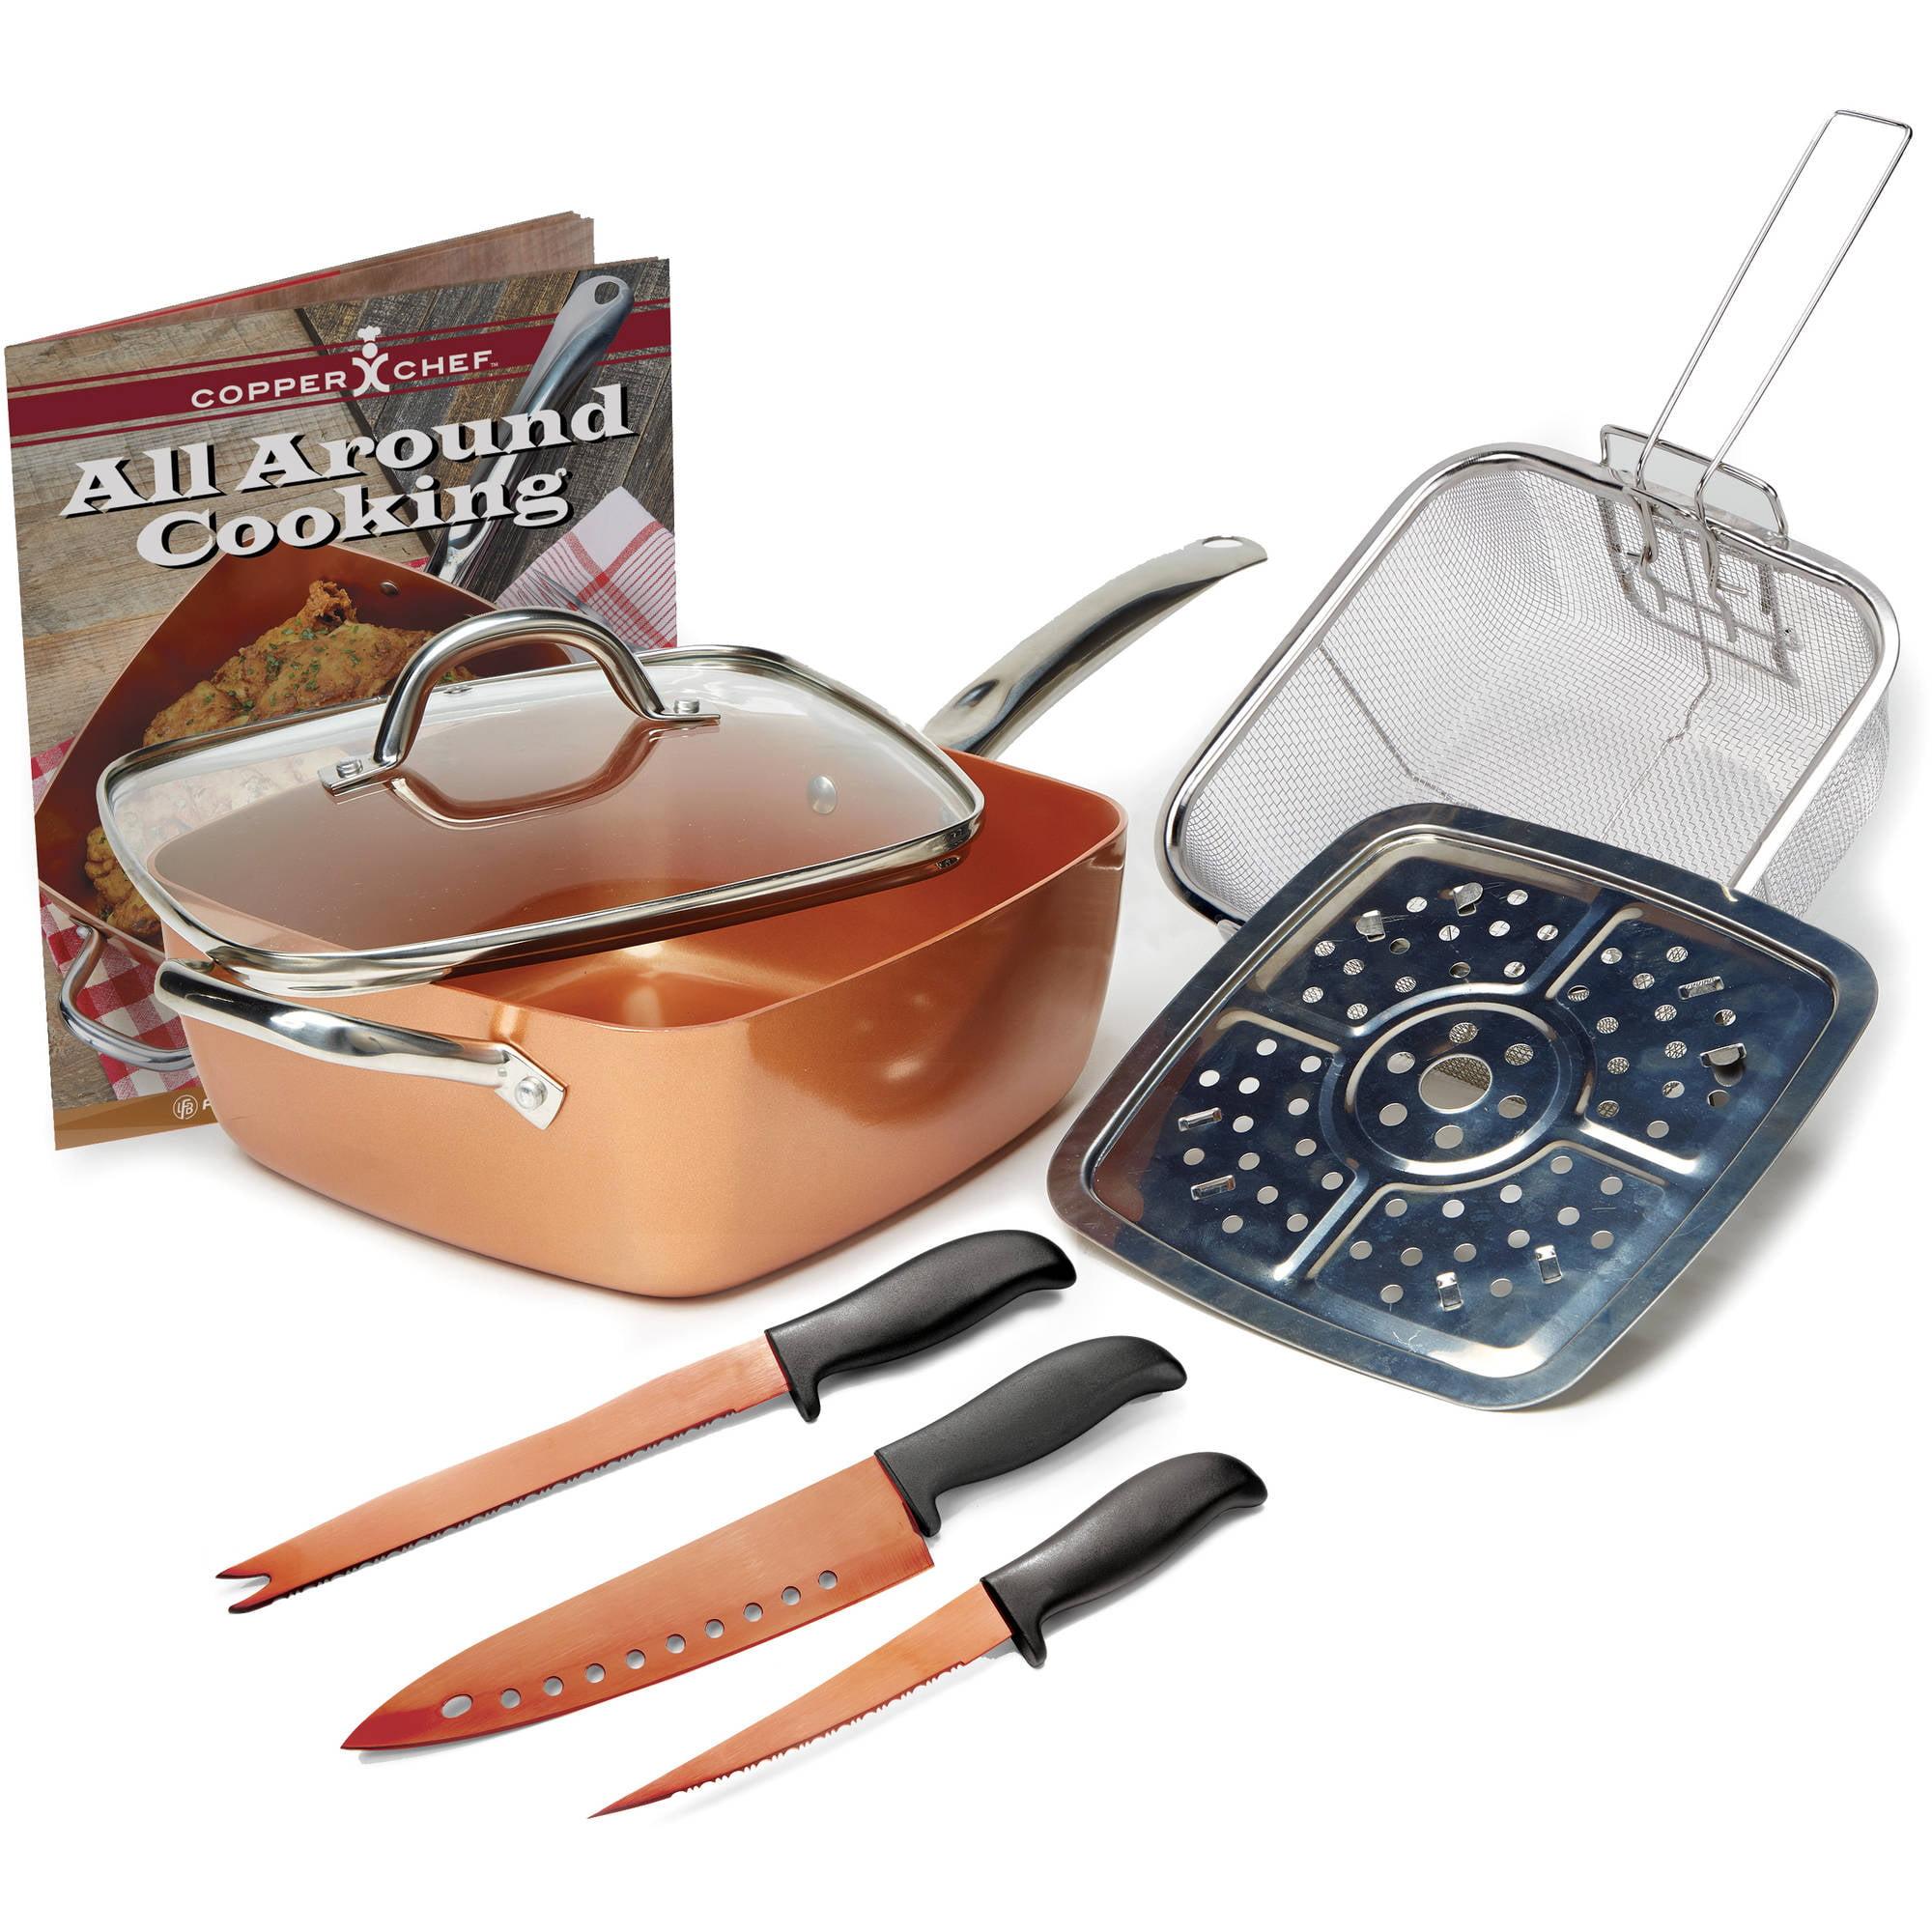 Copper Chef 8 pc Set